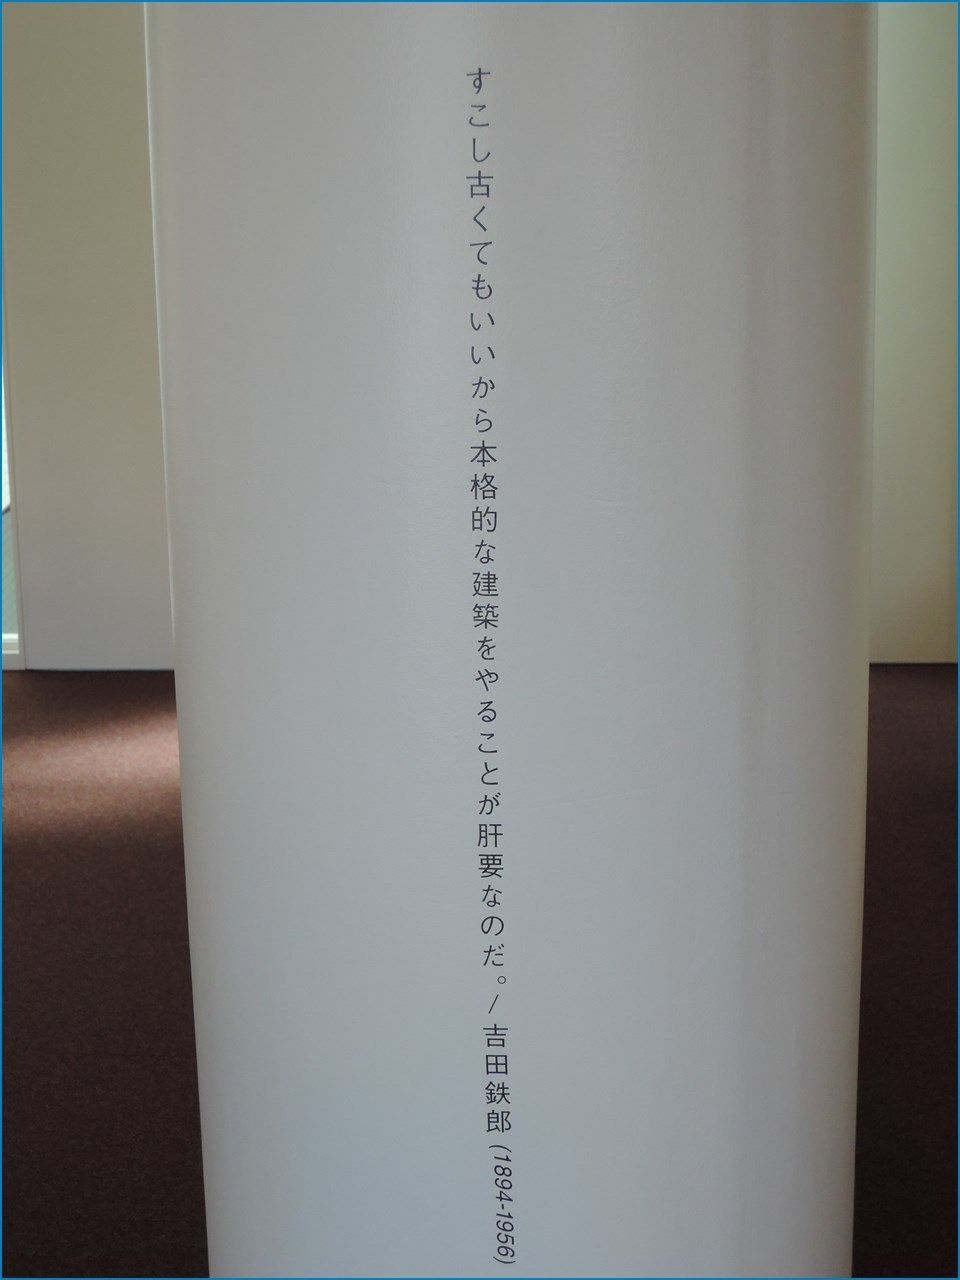 静岡理工科大学 理工学部 建築学科棟の見学 2_c0376508_04350478.jpg